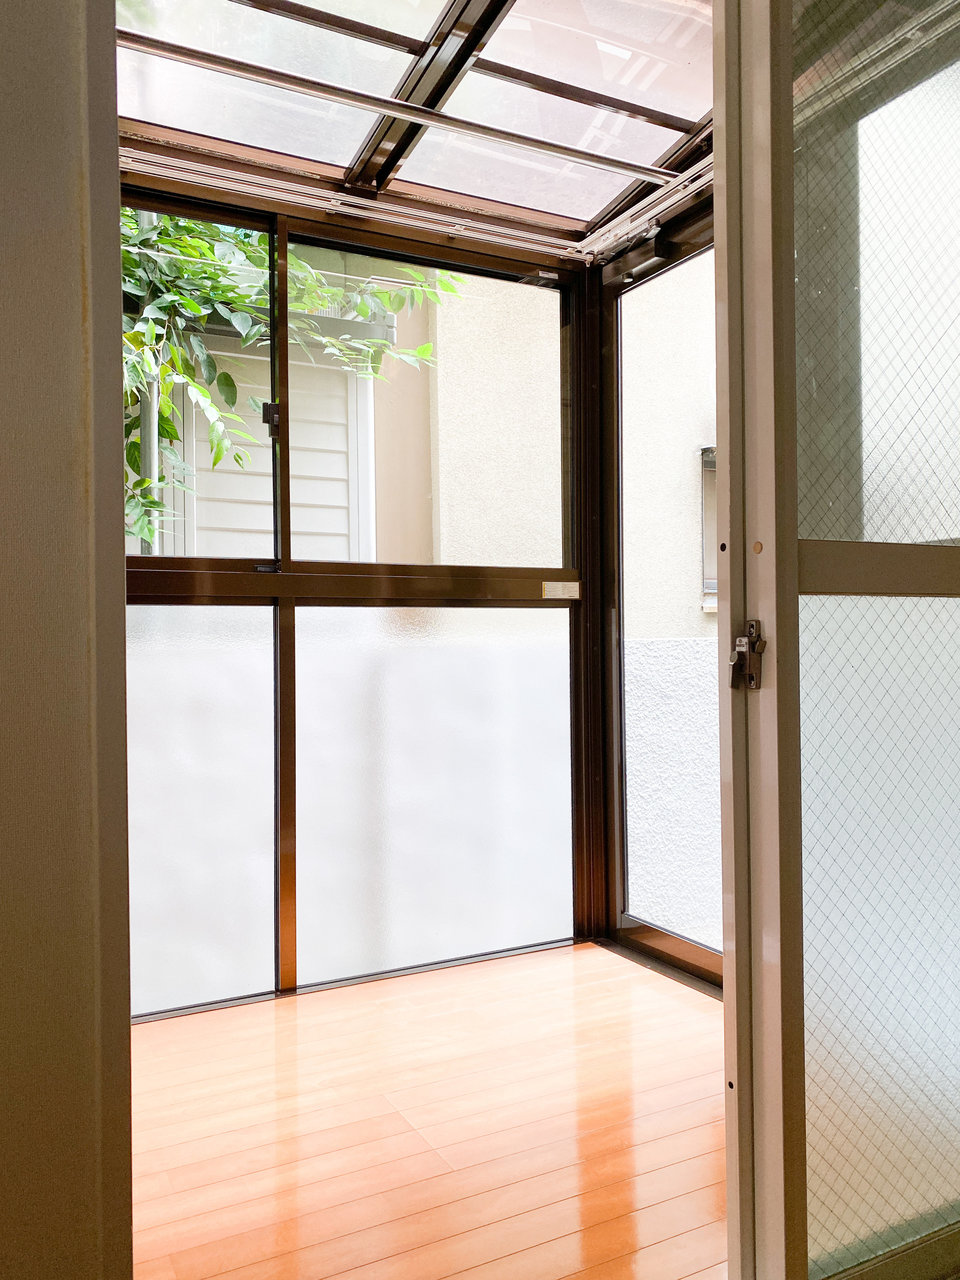 天井もガラスのサンルームです。雨の日はもちろん、花粉シーズンにも重宝しますね。